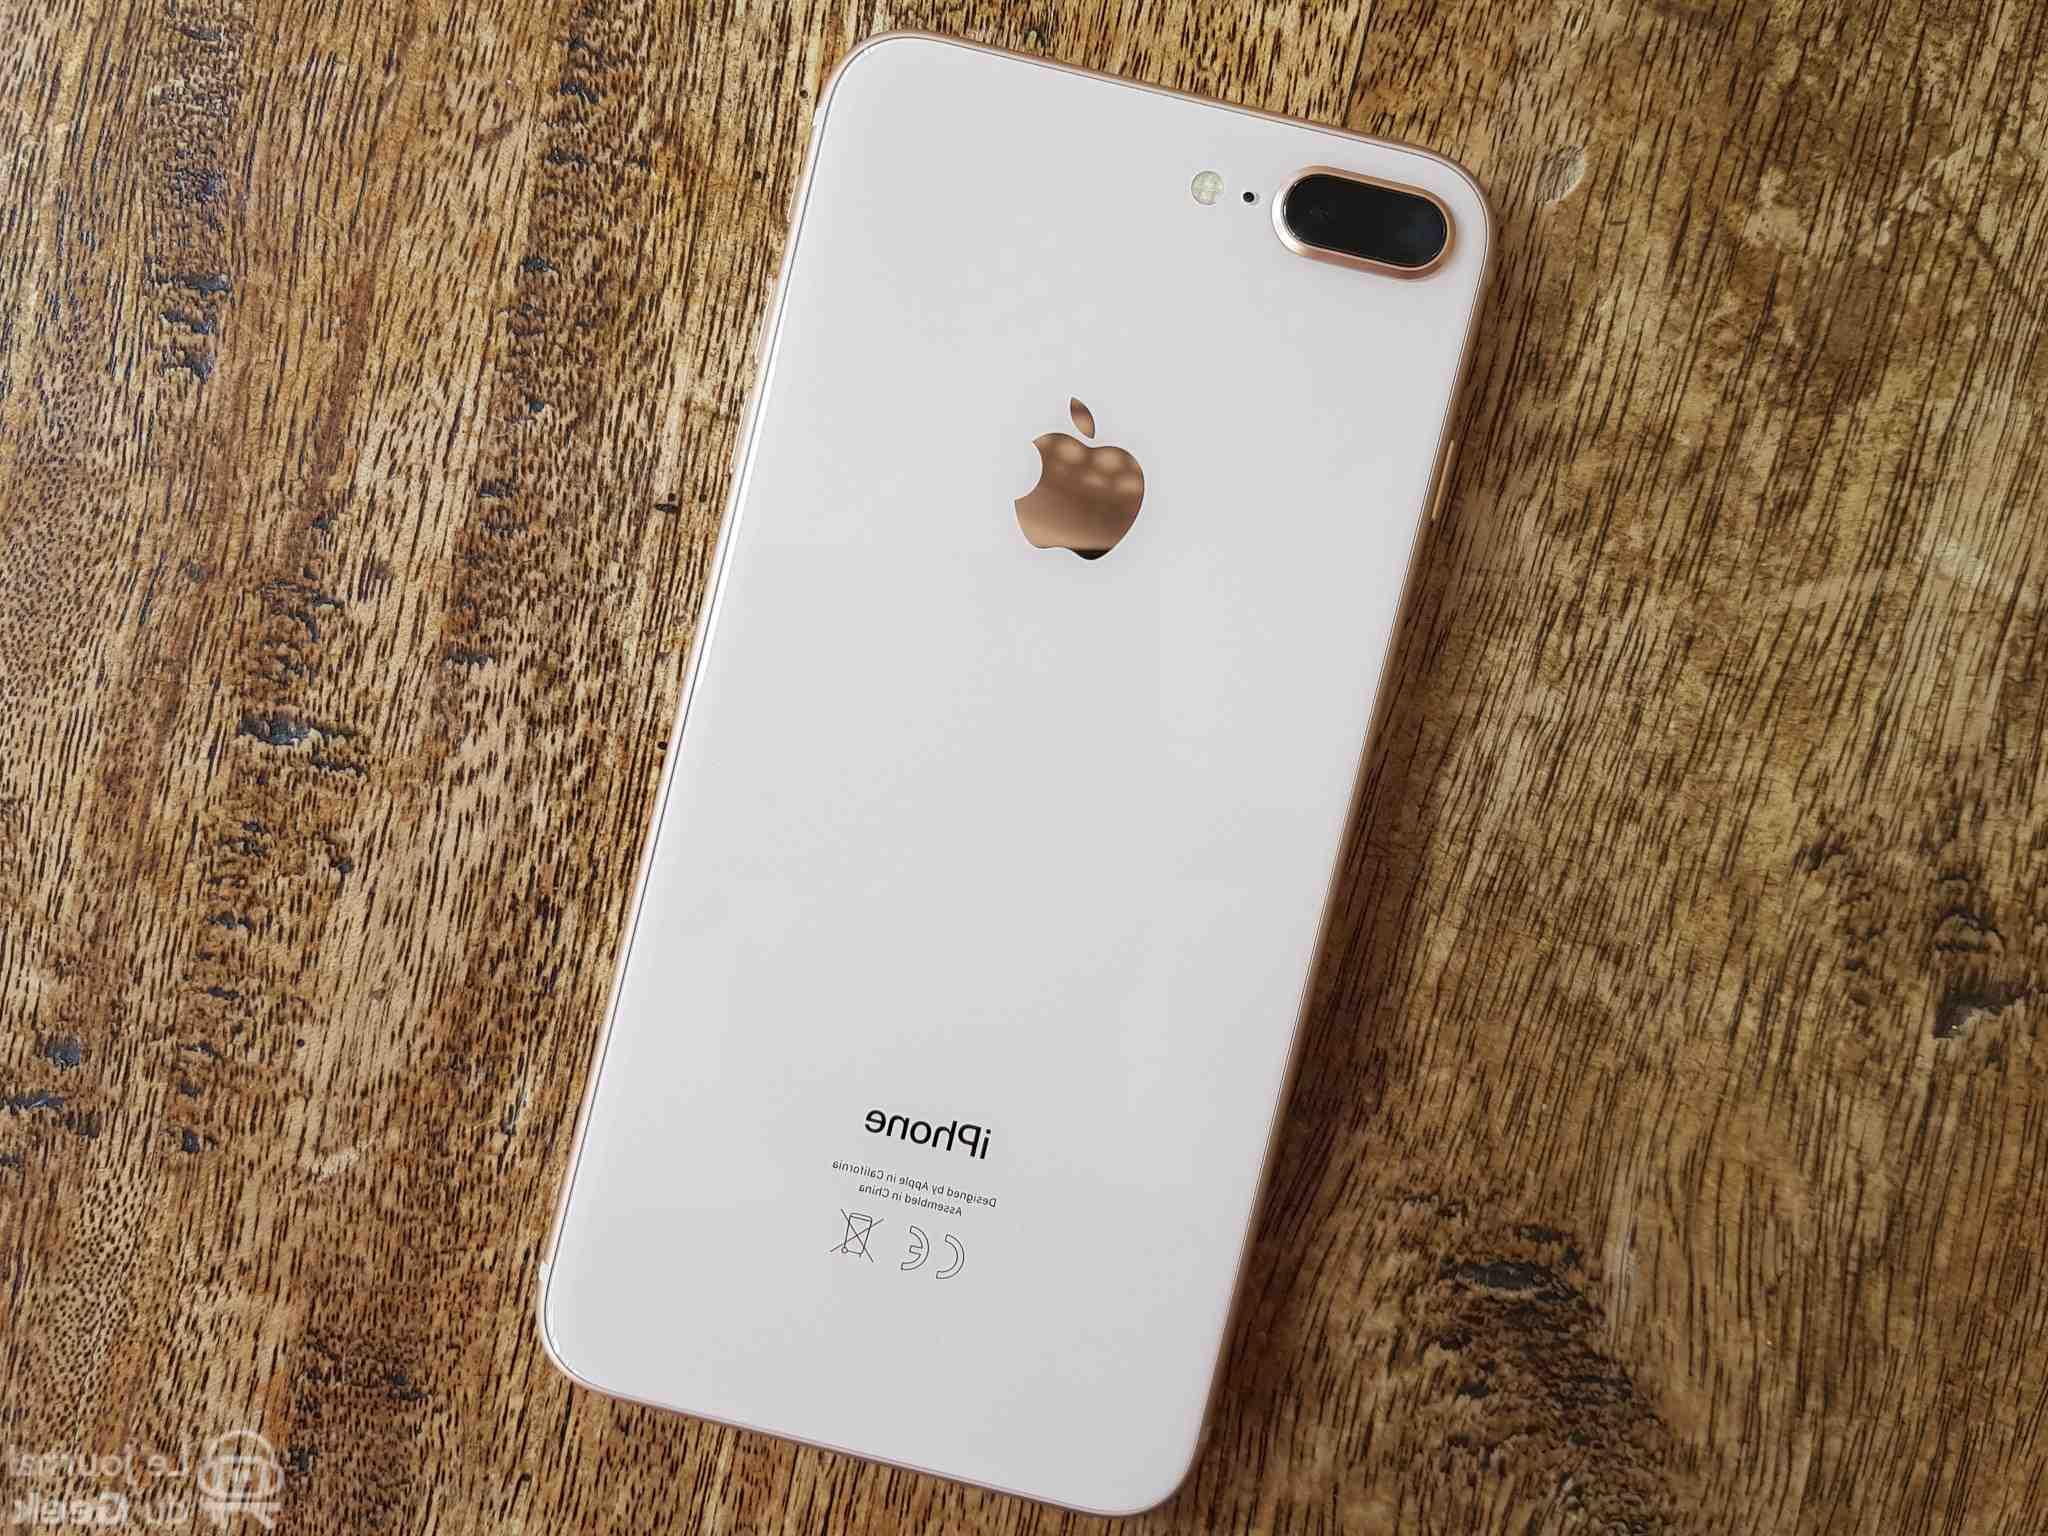 L'iphone 8 plus peut-il se charger sans fil ?